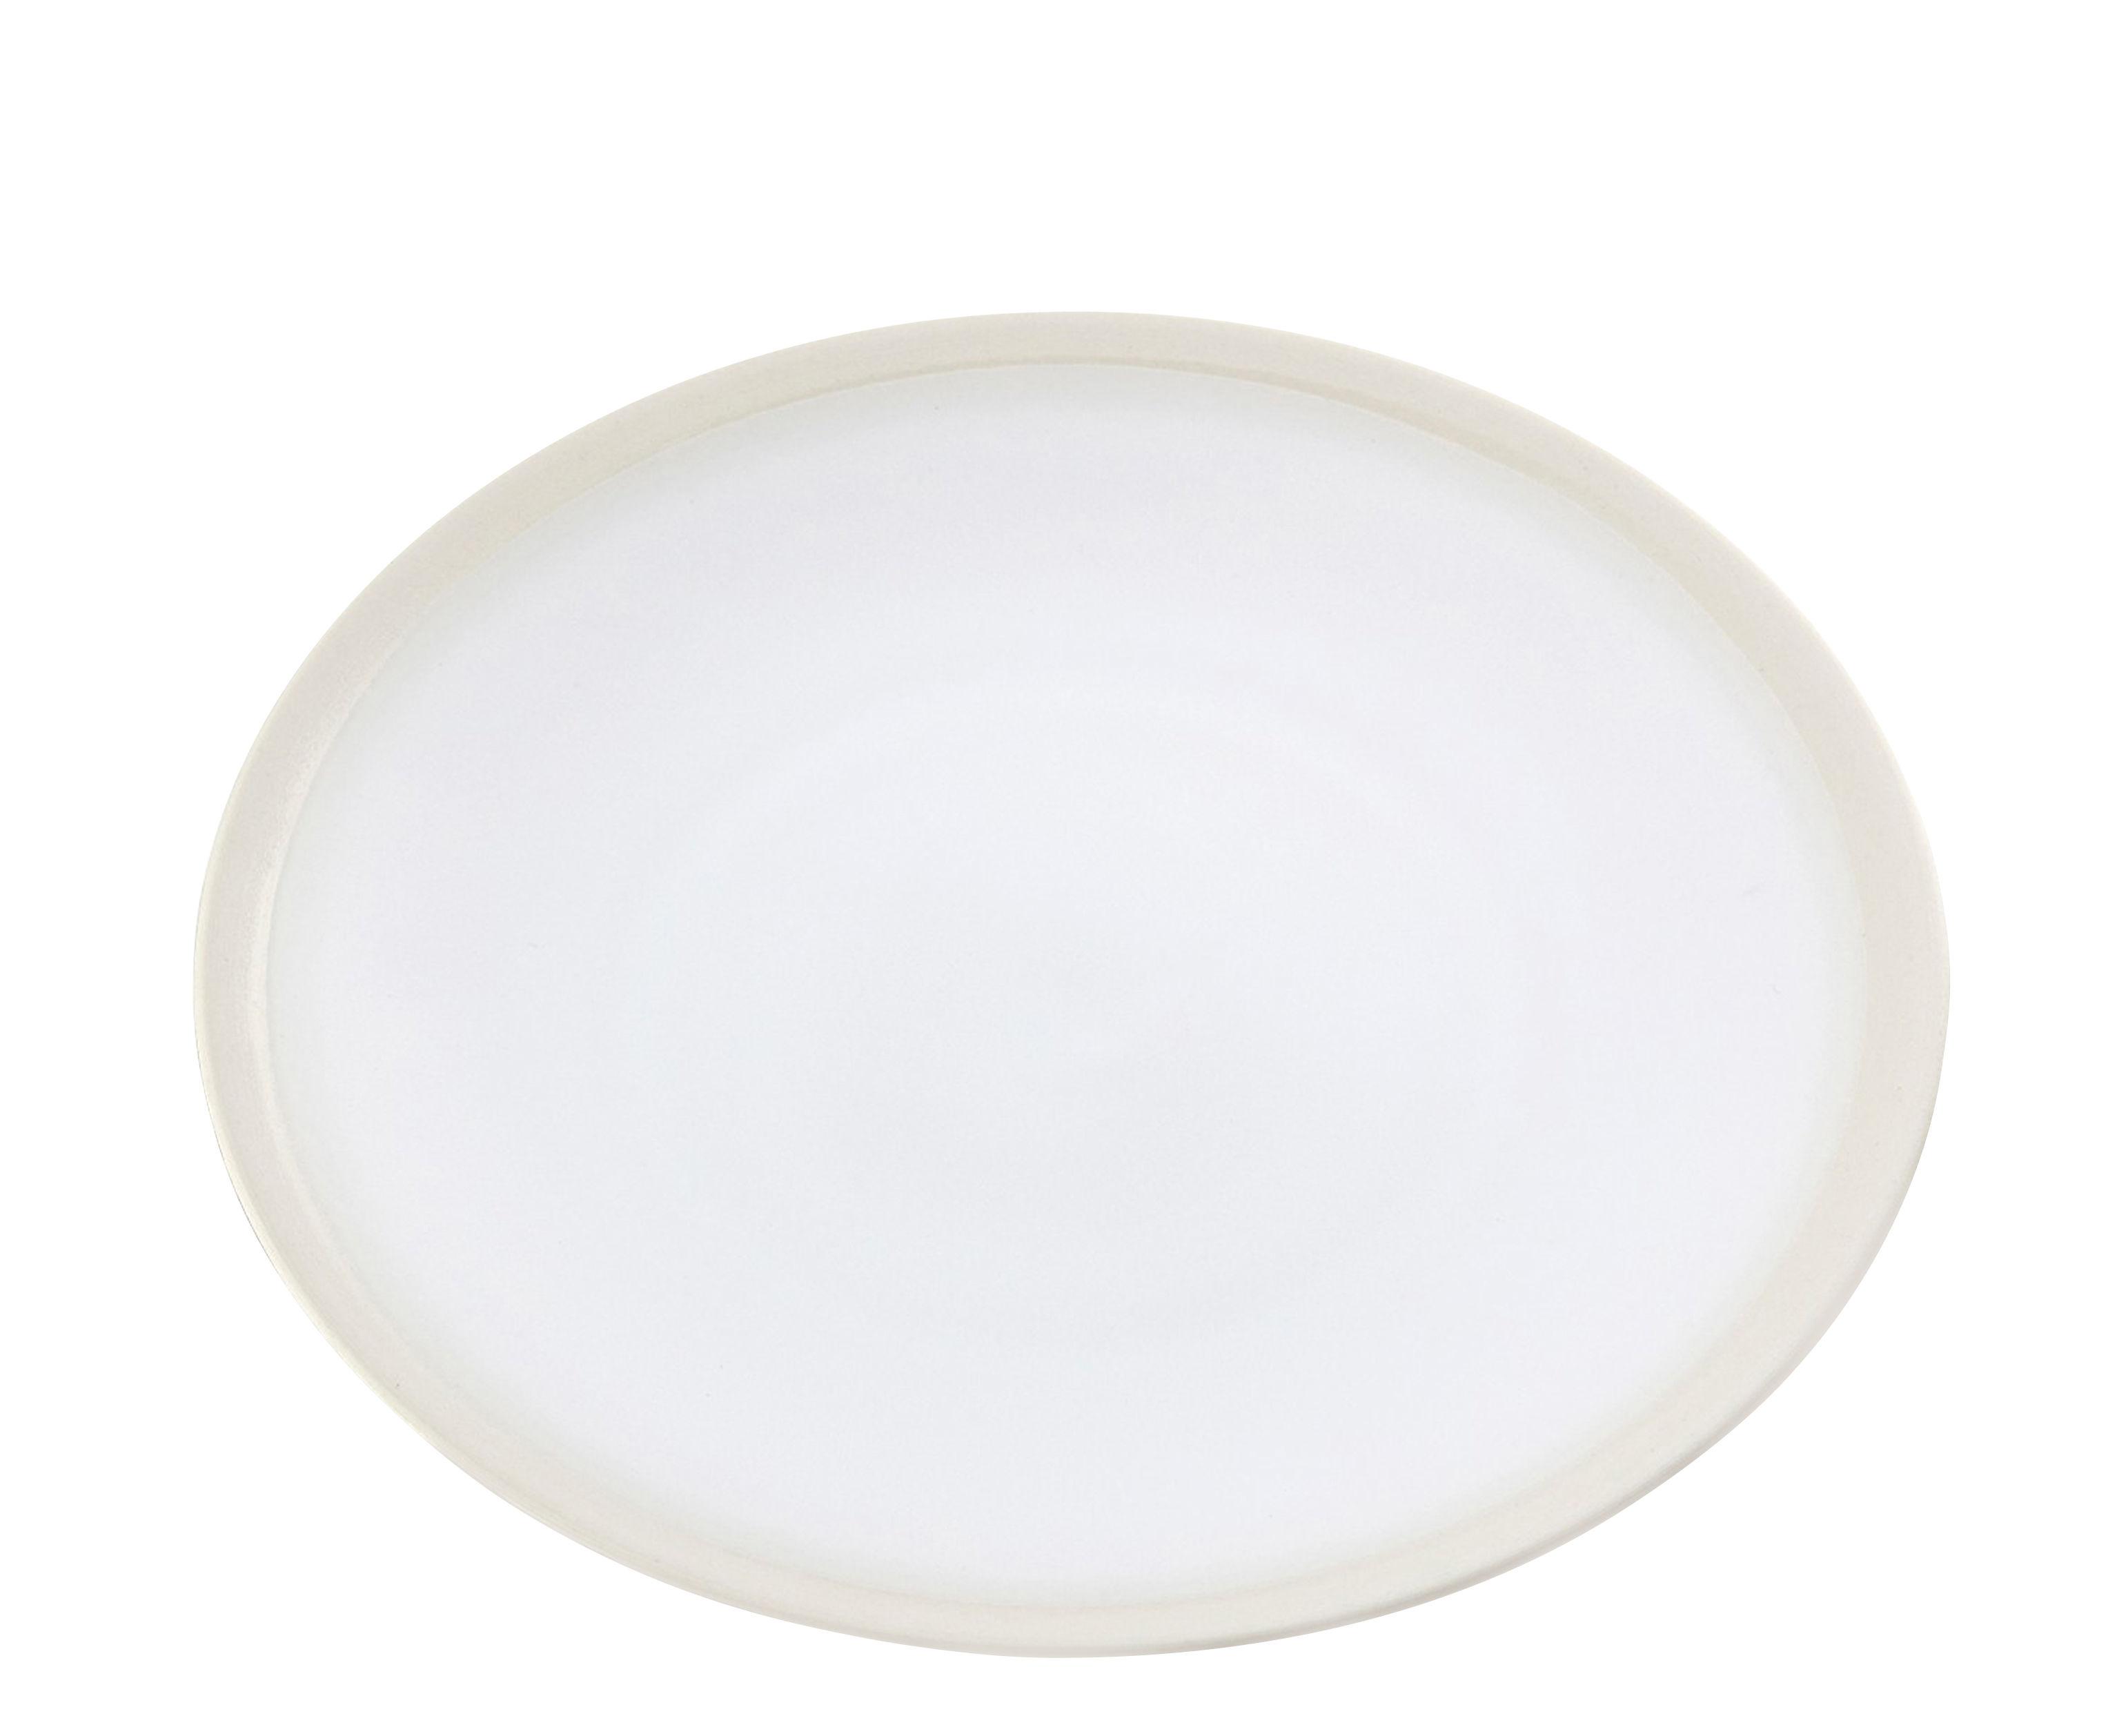 Tischkultur - Teller - Sicilia Suppenteller / Ø 24 cm - Maison Sarah Lavoine - Jasmin / beige - Feinsteinzeug, bemalt und glasiert